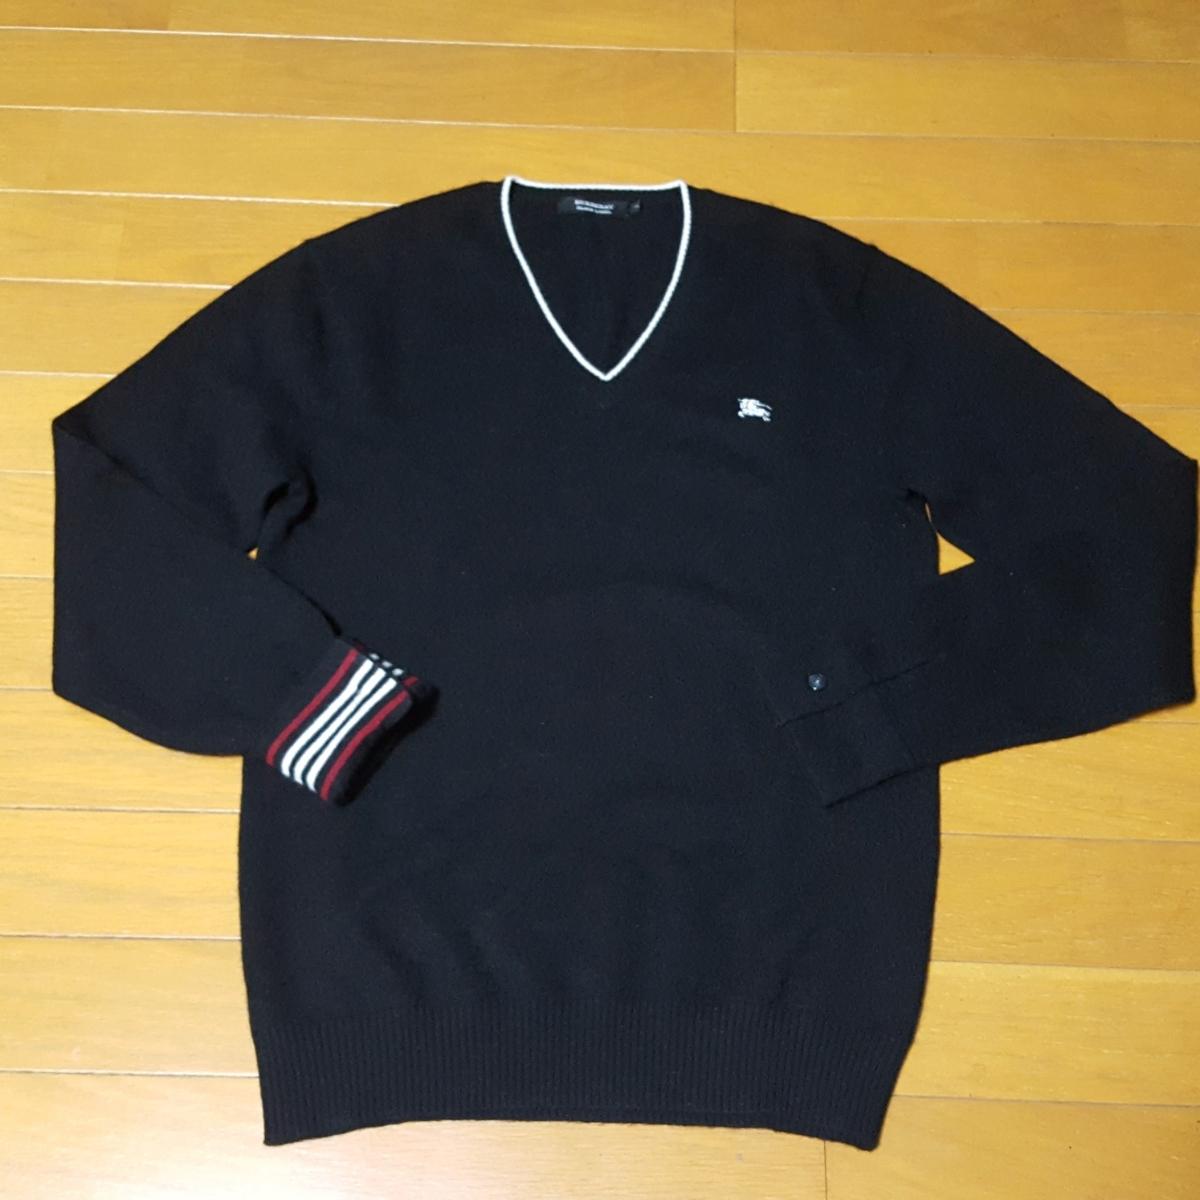 美品・最高級 バーバリーブラックレーベル ホワイトホース刺繍 袖裏バーバリーライン カシミヤ100% Vネック ニットセーター 黒 M